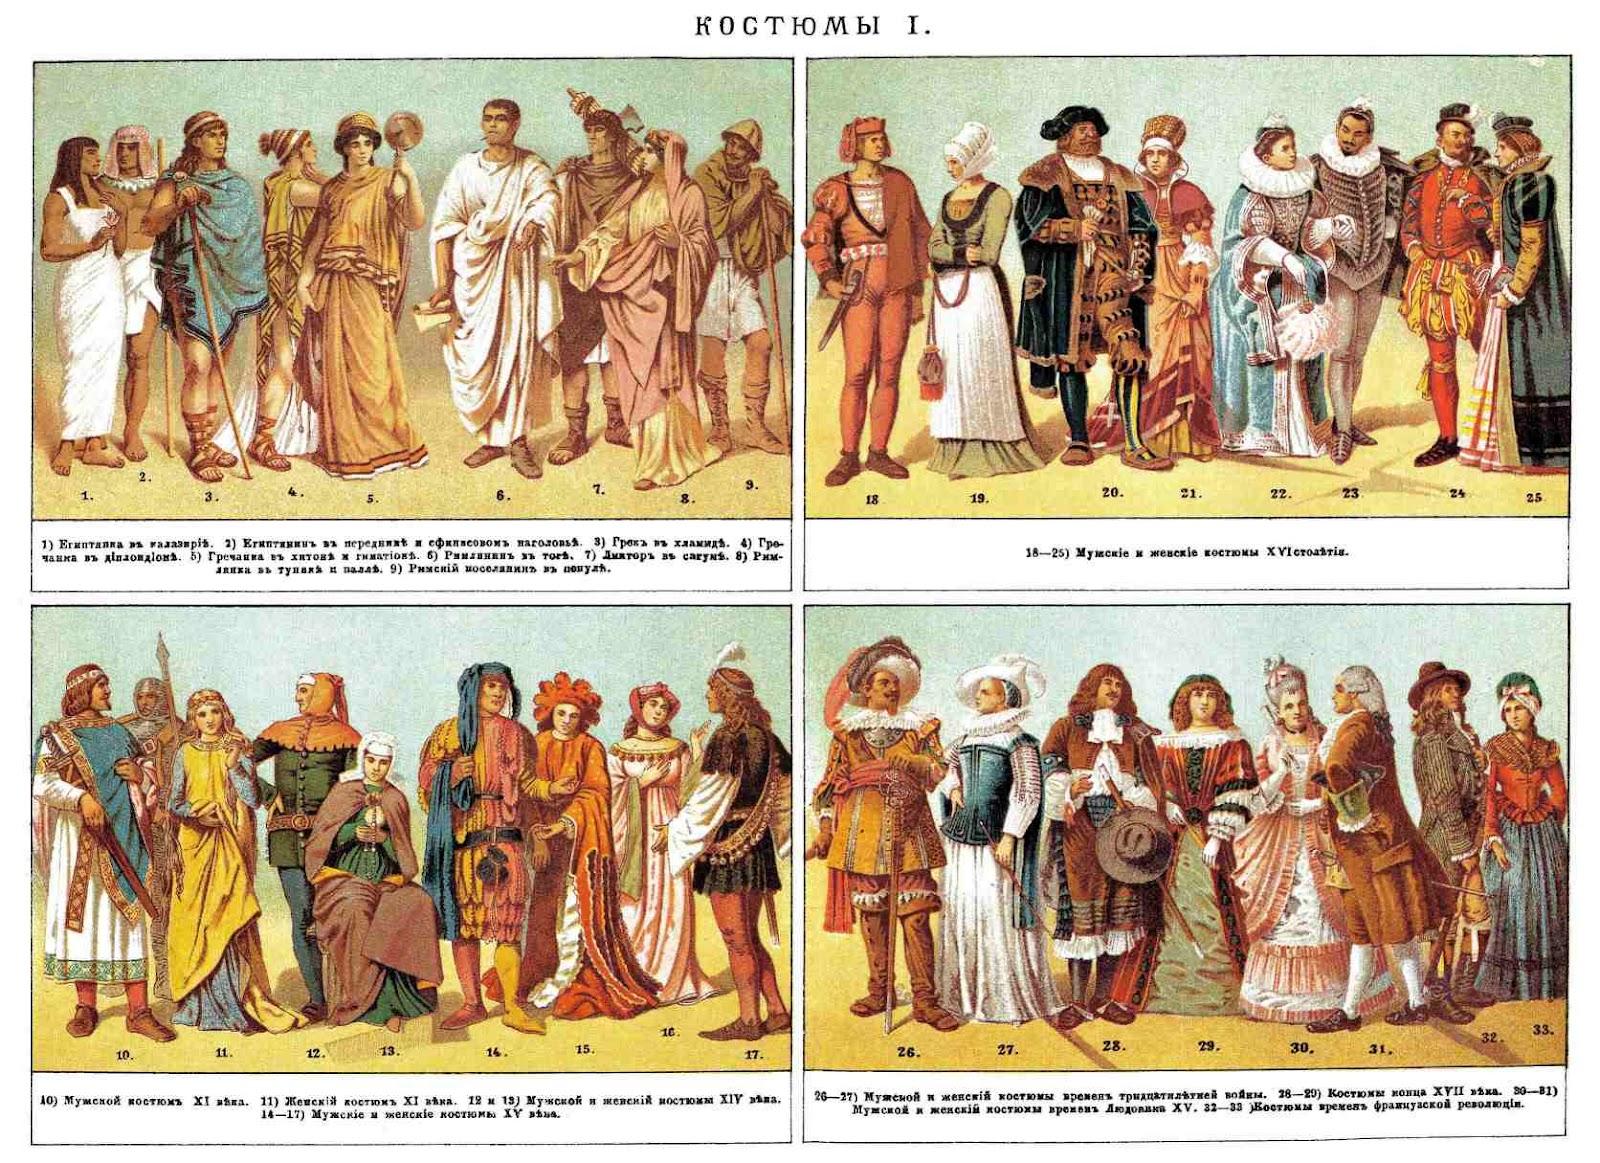 малый энциклопедический словарь брокгауза и ефрона 1907 4 тома купить